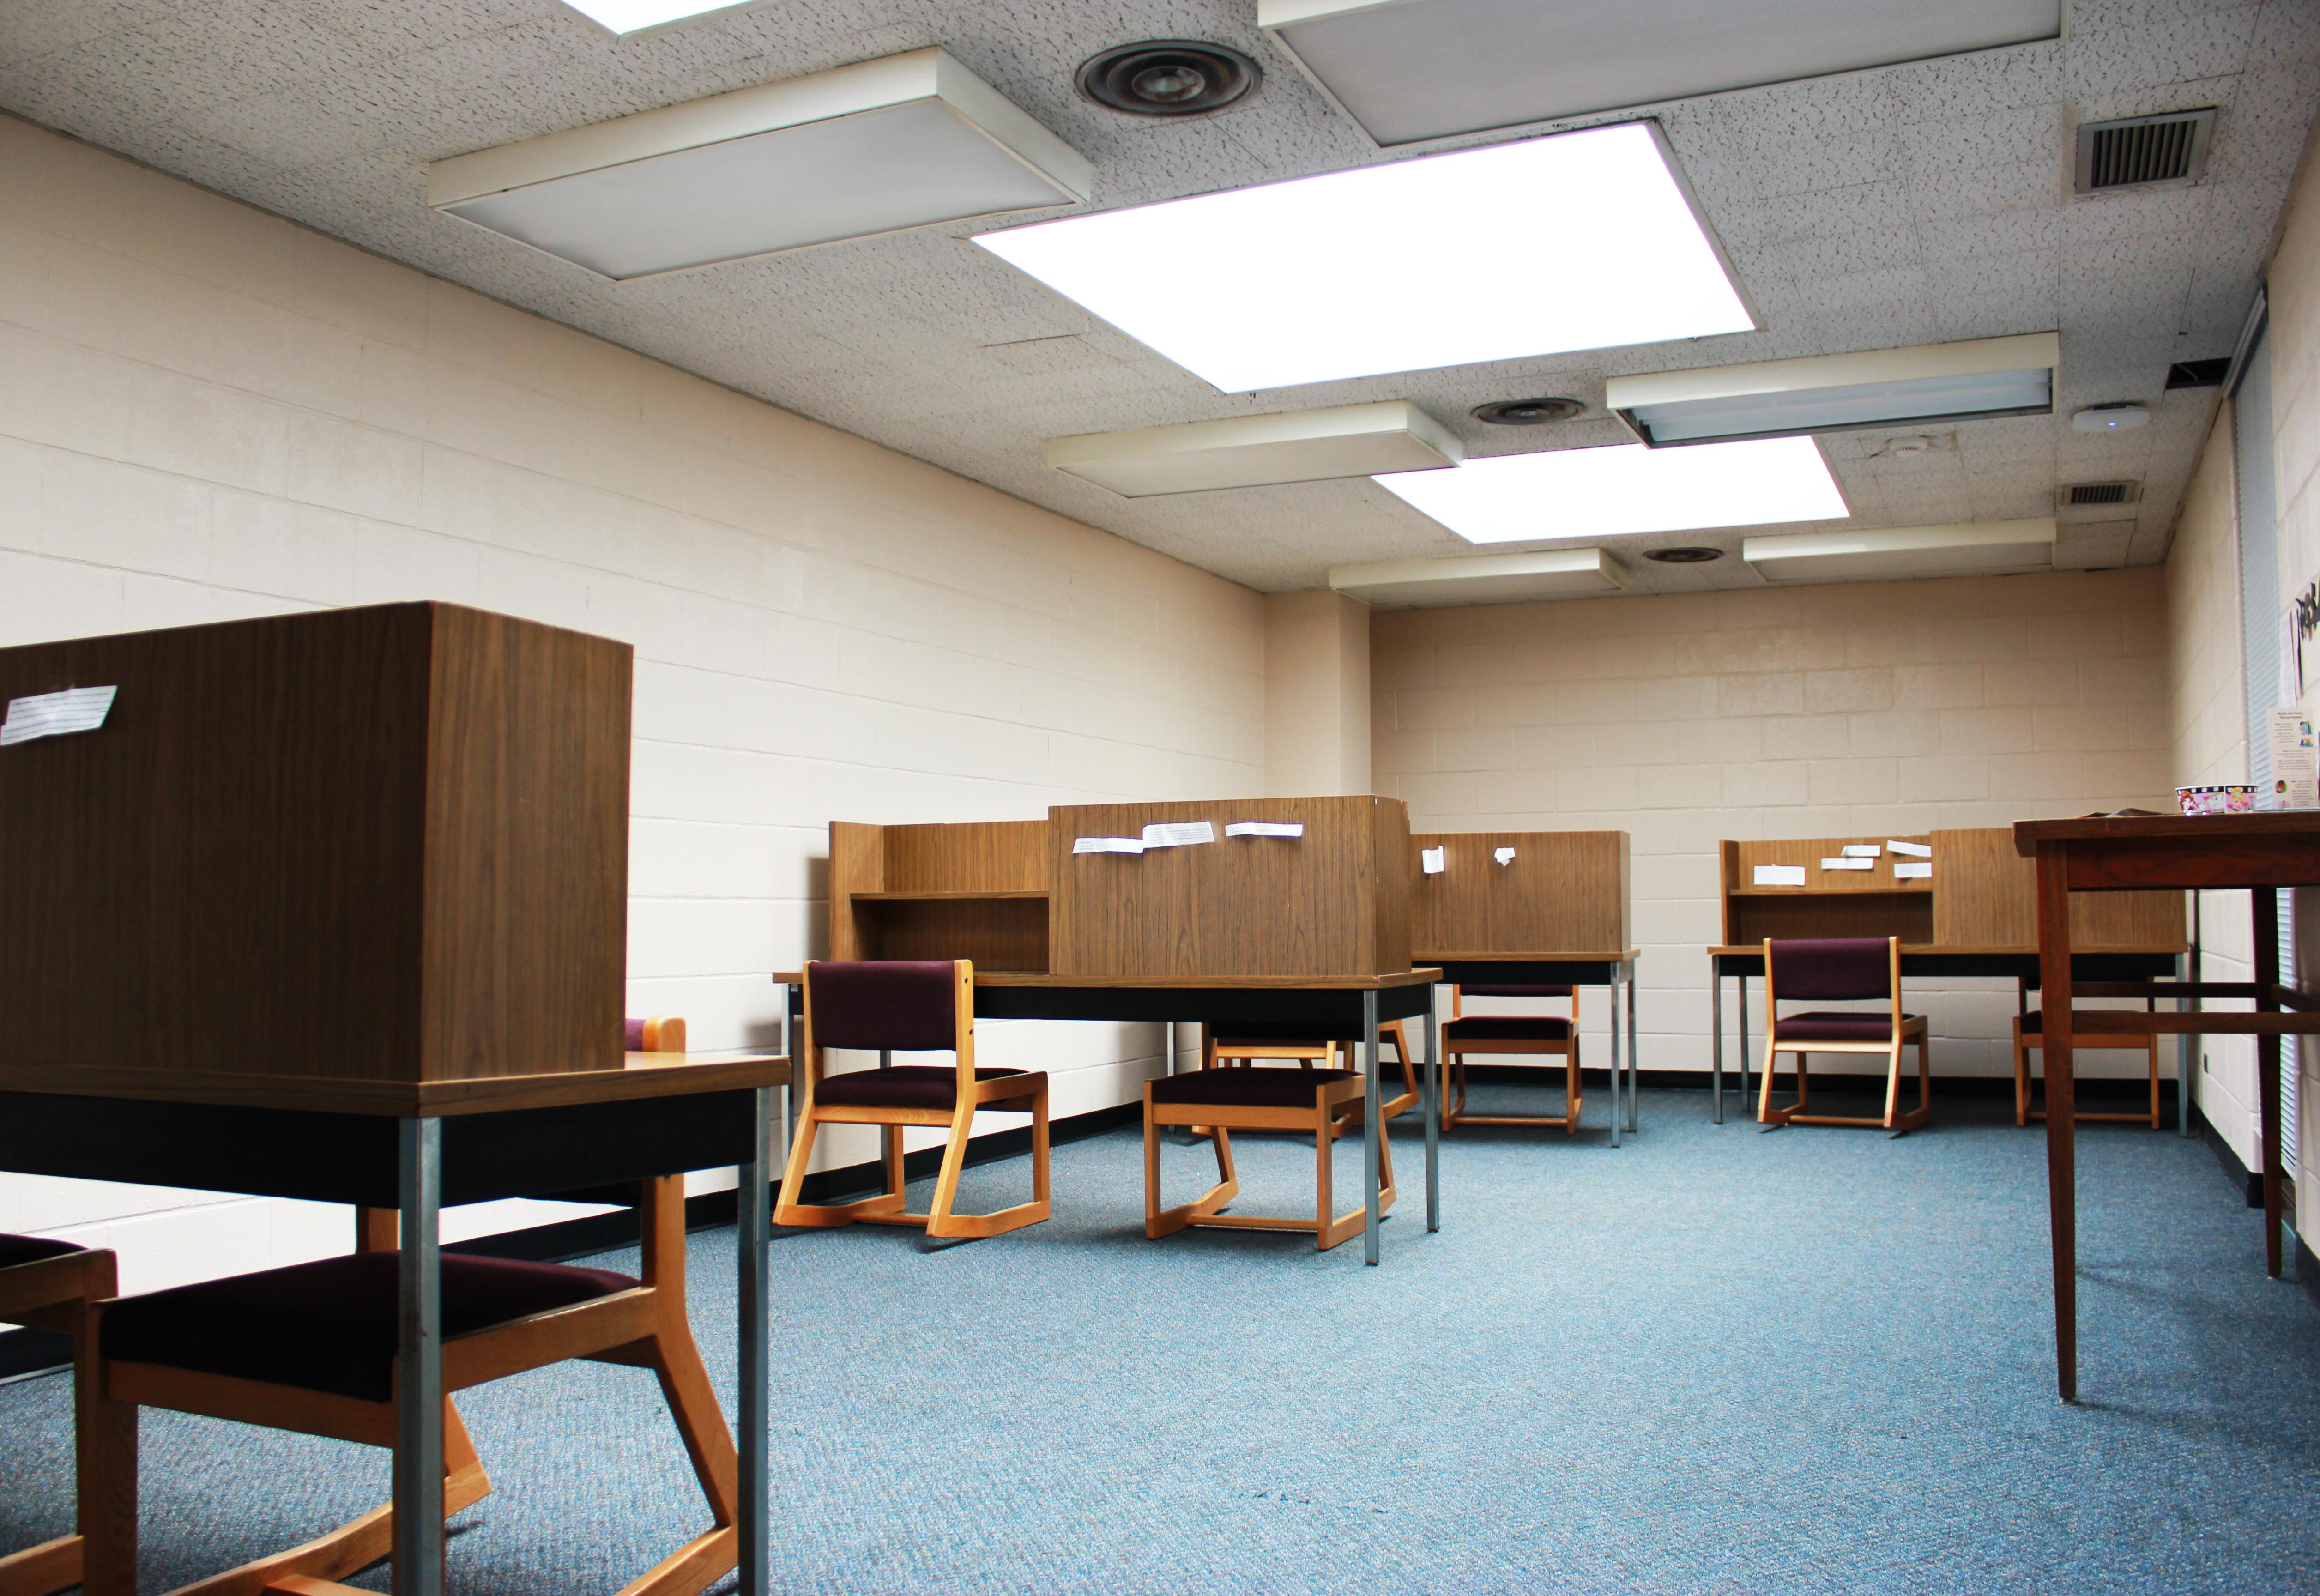 Hilliard Residence Study Room